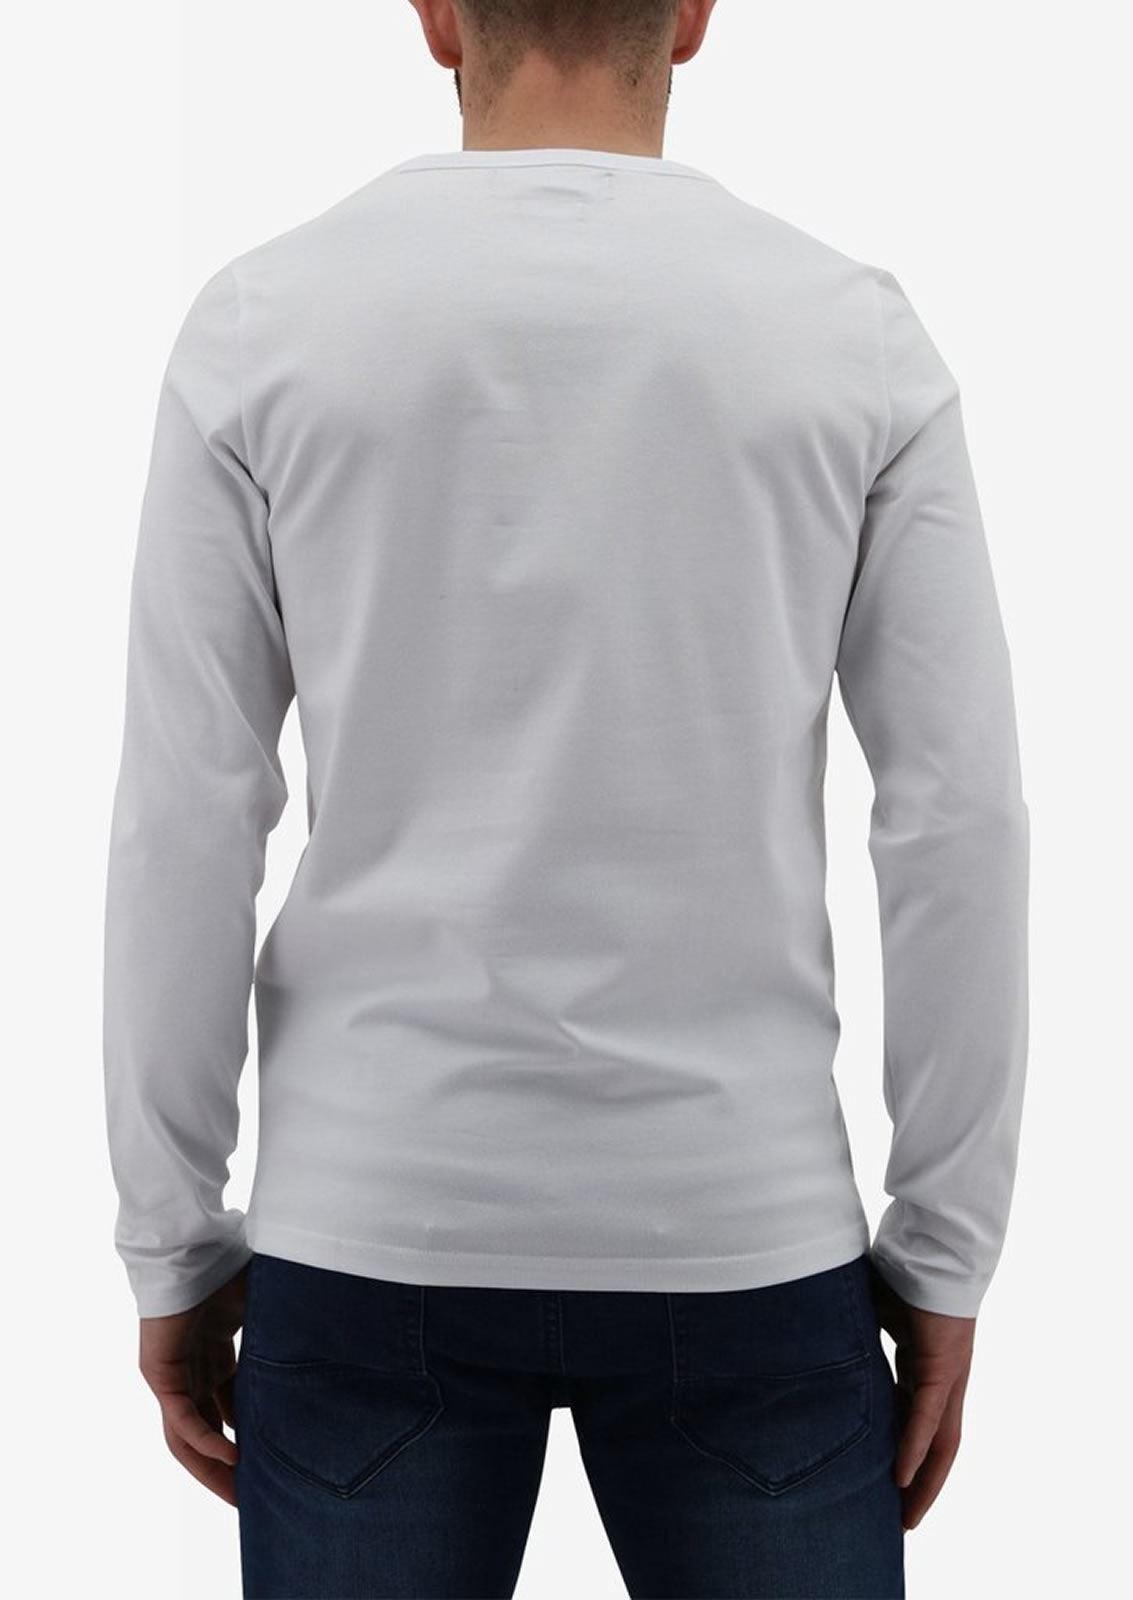 Ne-riche-par-l-039-argent-vetements-jaspe-sanguin-Hommes-T-Shirt-a-Manches-Longues-V-Neck-Tee miniature 3